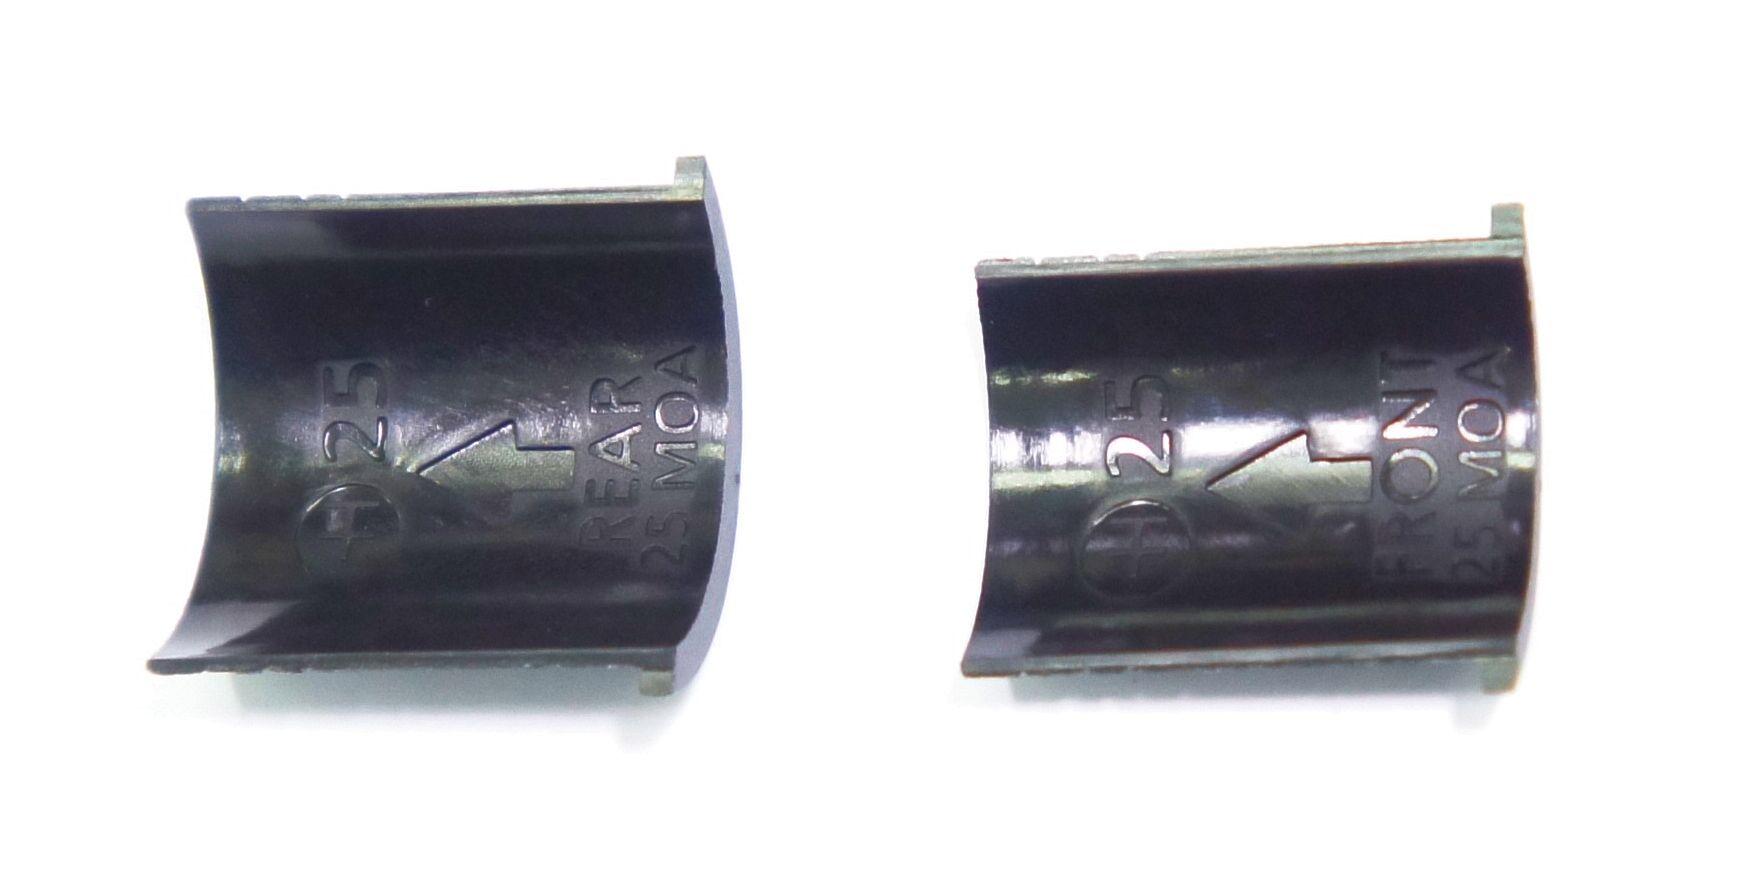 Montage Einlagen für 1 Zoll-Ringe für Neigung der Optik um ca. 25 Winkelminuten (25 MOA)